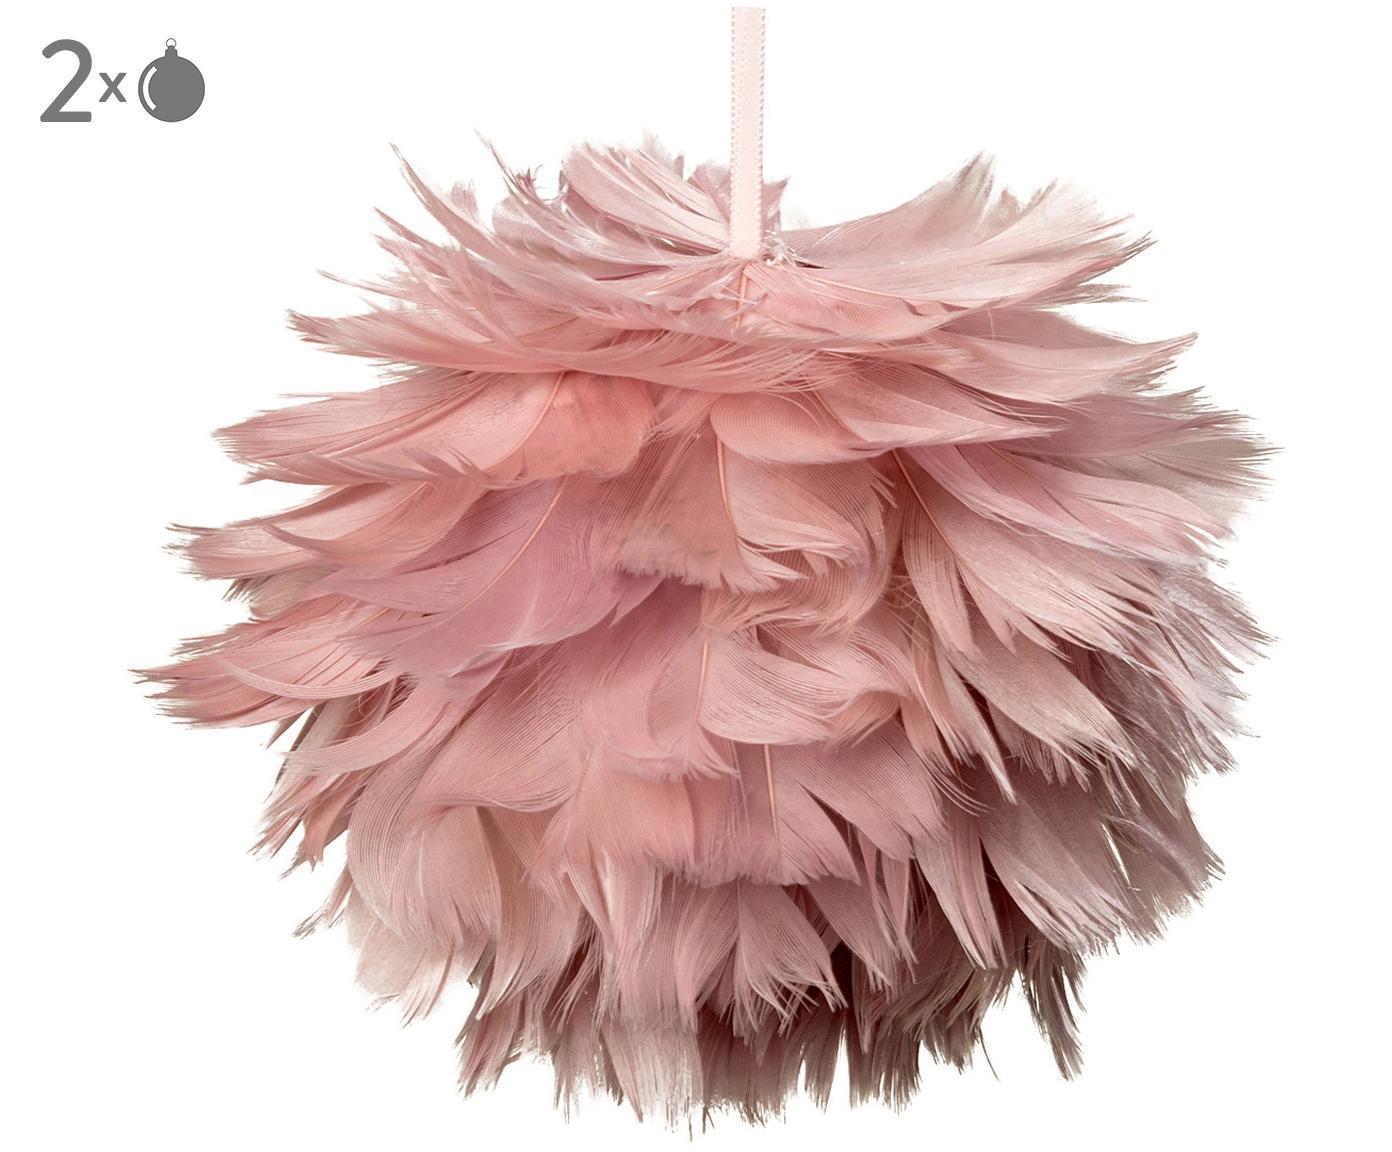 Decorazioni pendenti in piume Fay 2 pz, Cinturino: materiale sintetico, Rosa, Ø 11 cm